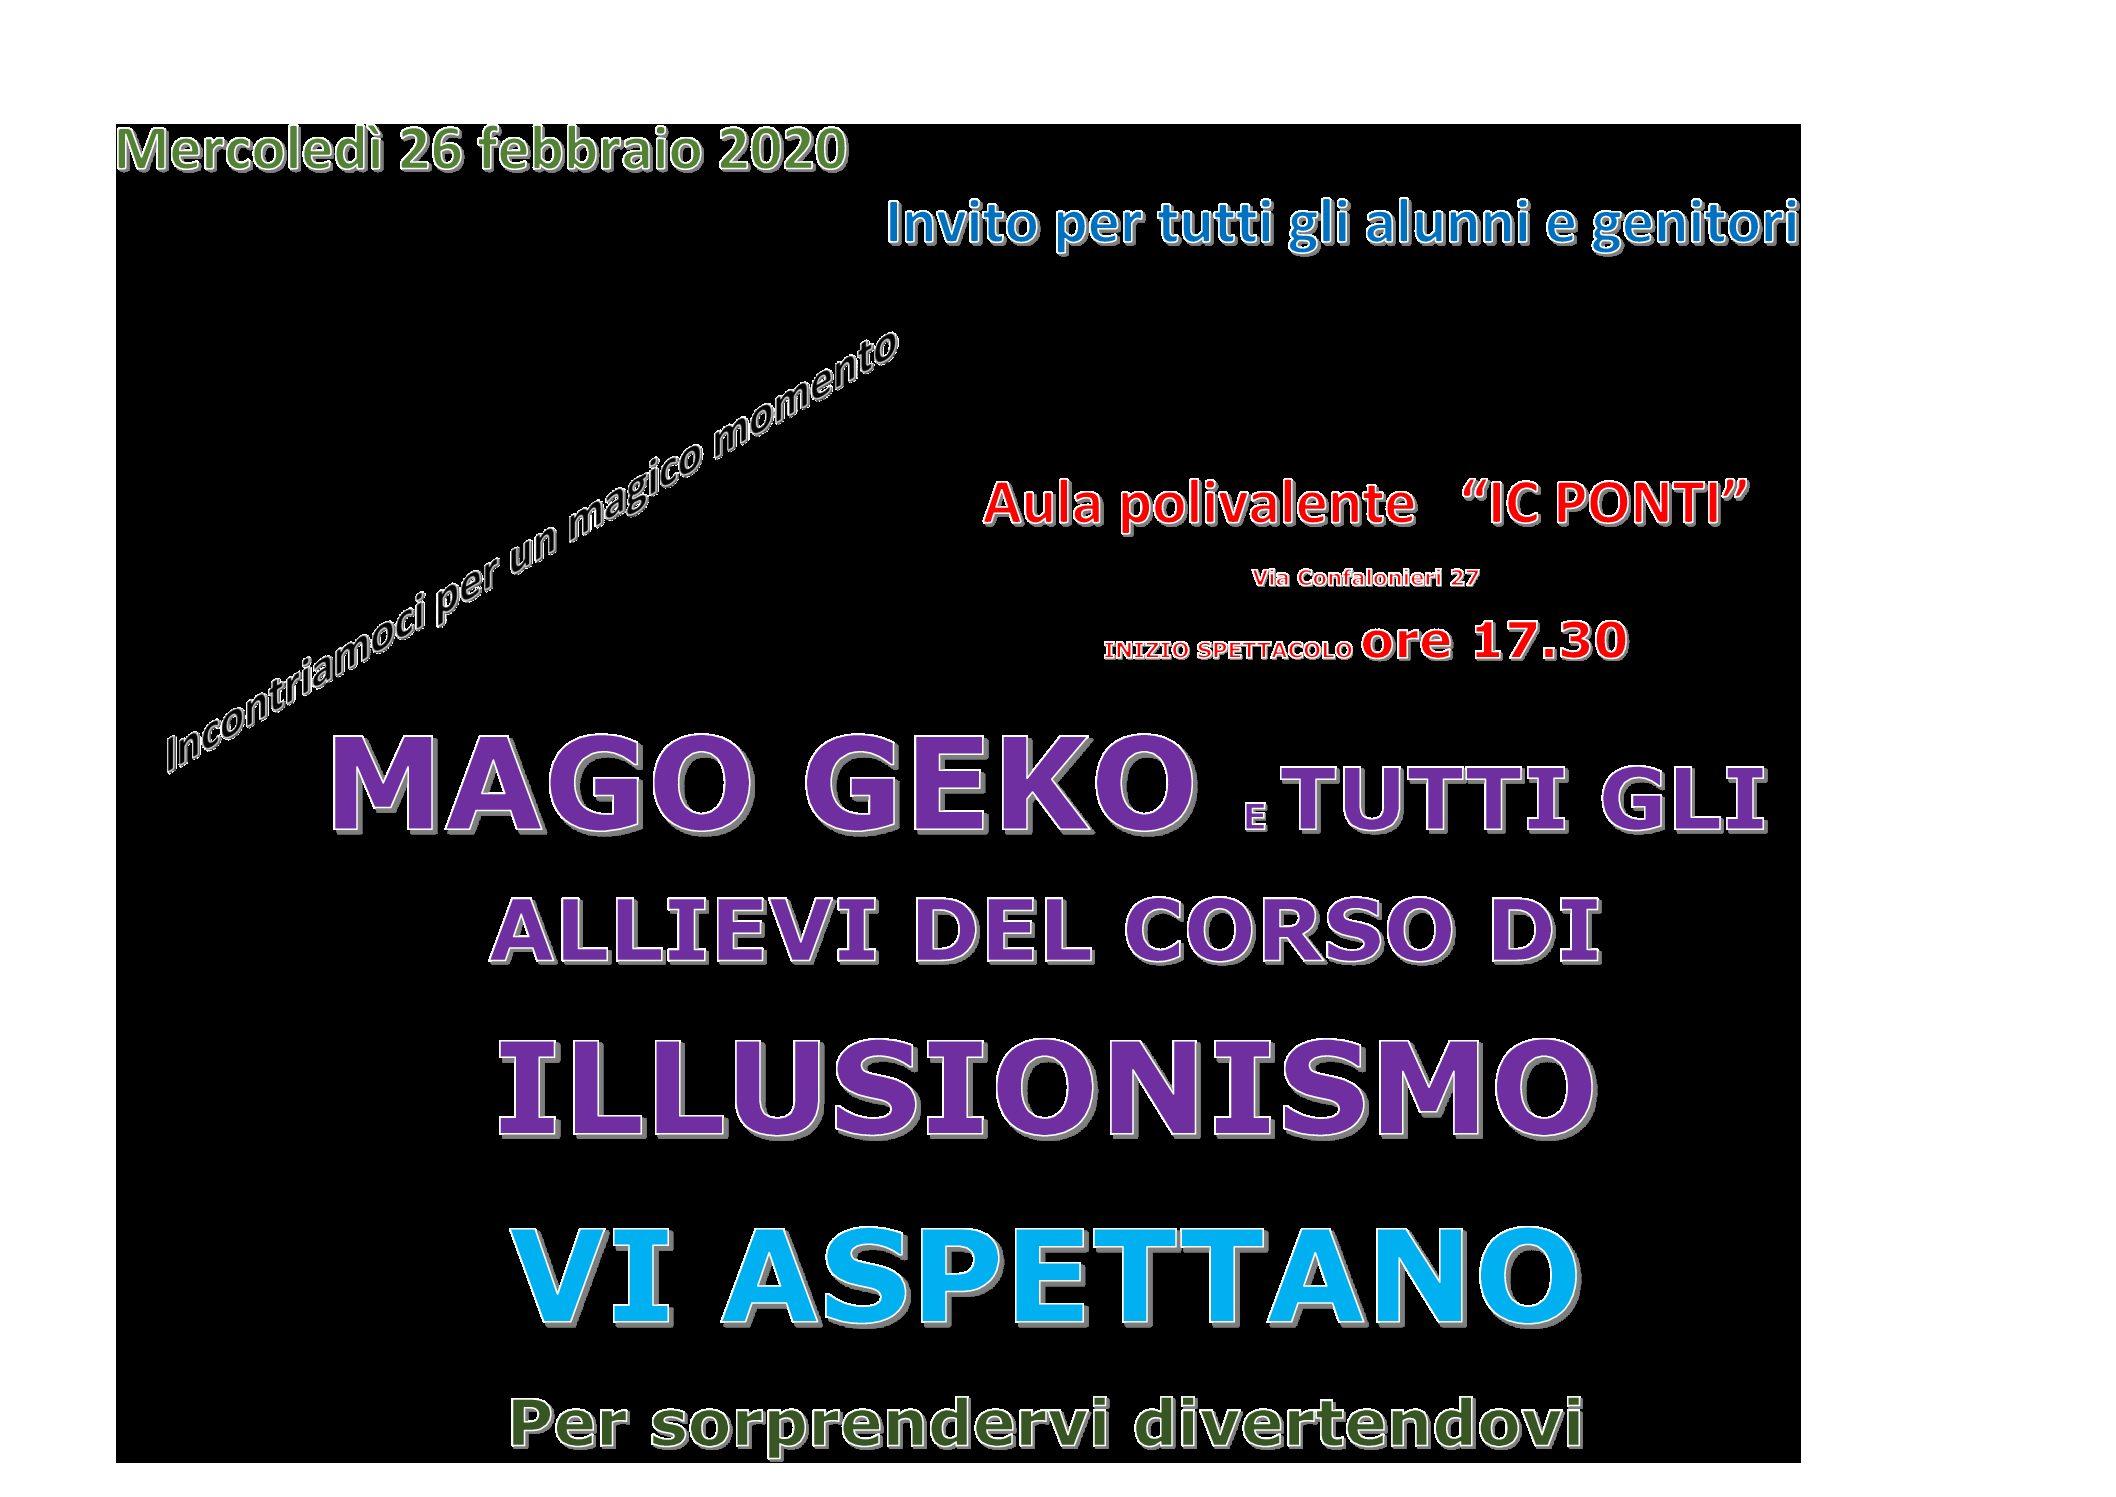 26 Febbraio 2020 spettacolo alle ore 17.30 sala polivalente via Confalonieri